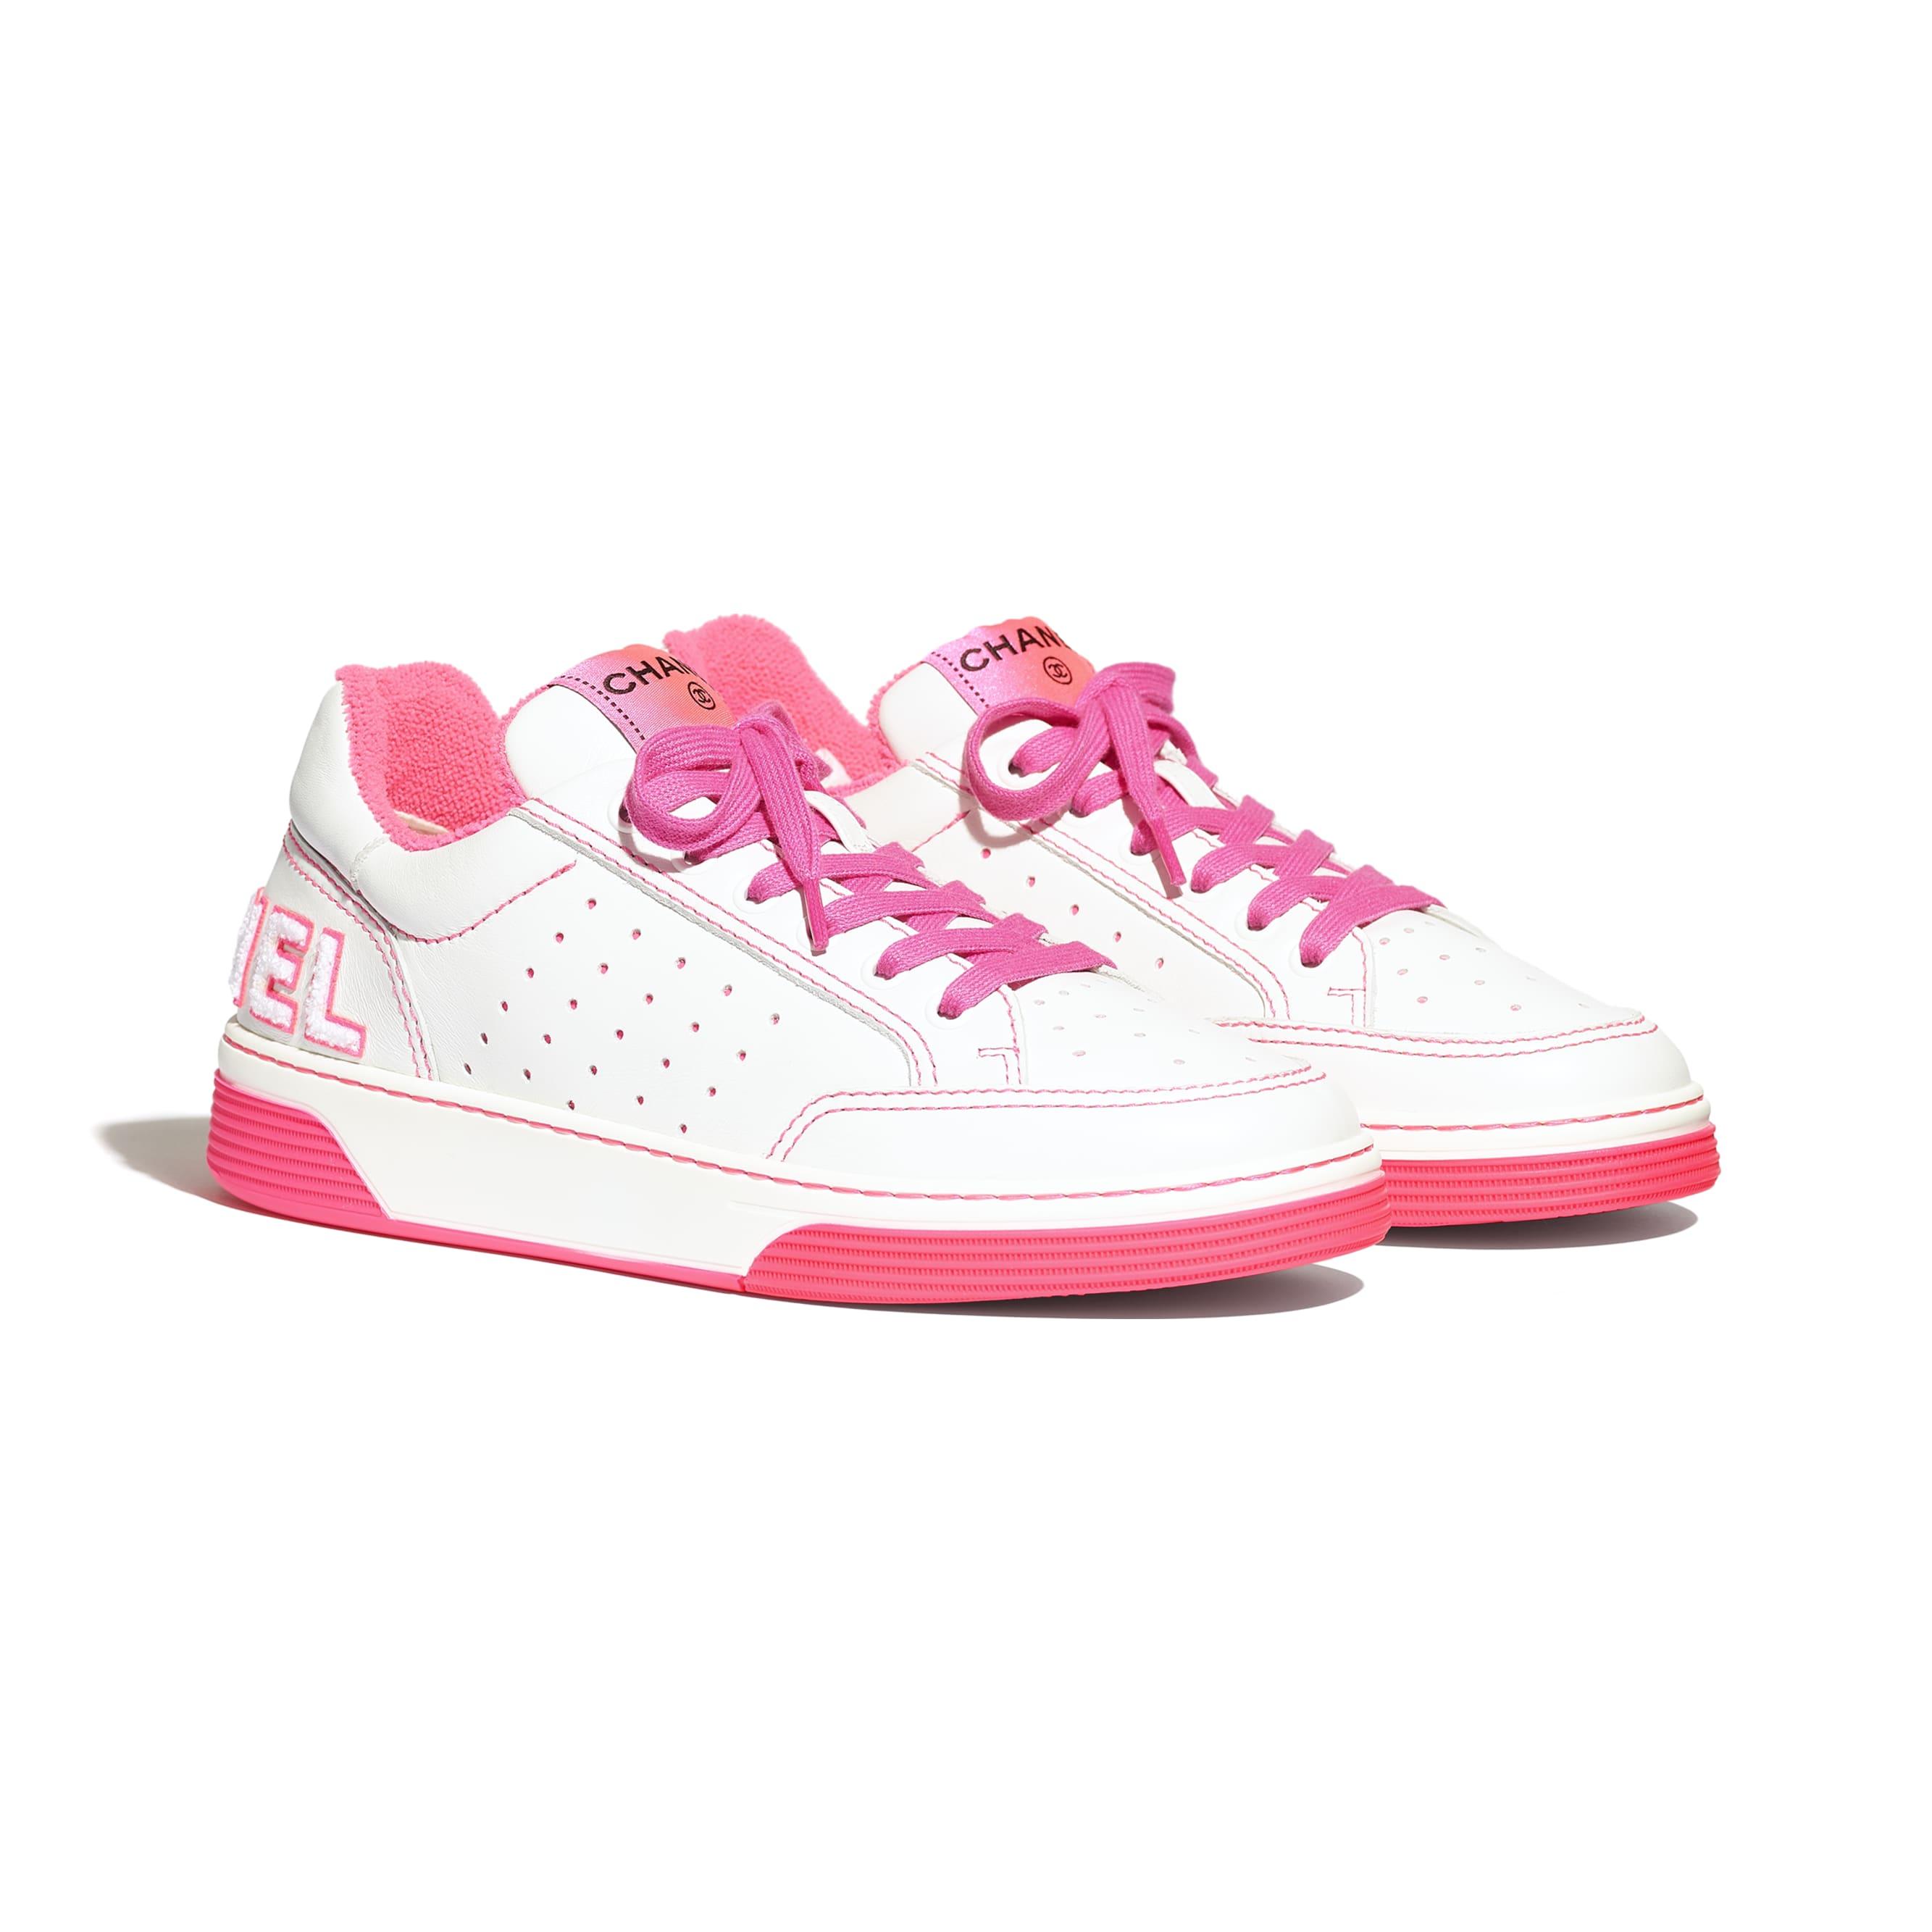 Buty sportowe - Kolor biały i fuksja - Skóra cielęca - Widok alternatywny – zobacz w standardowym rozmiarze